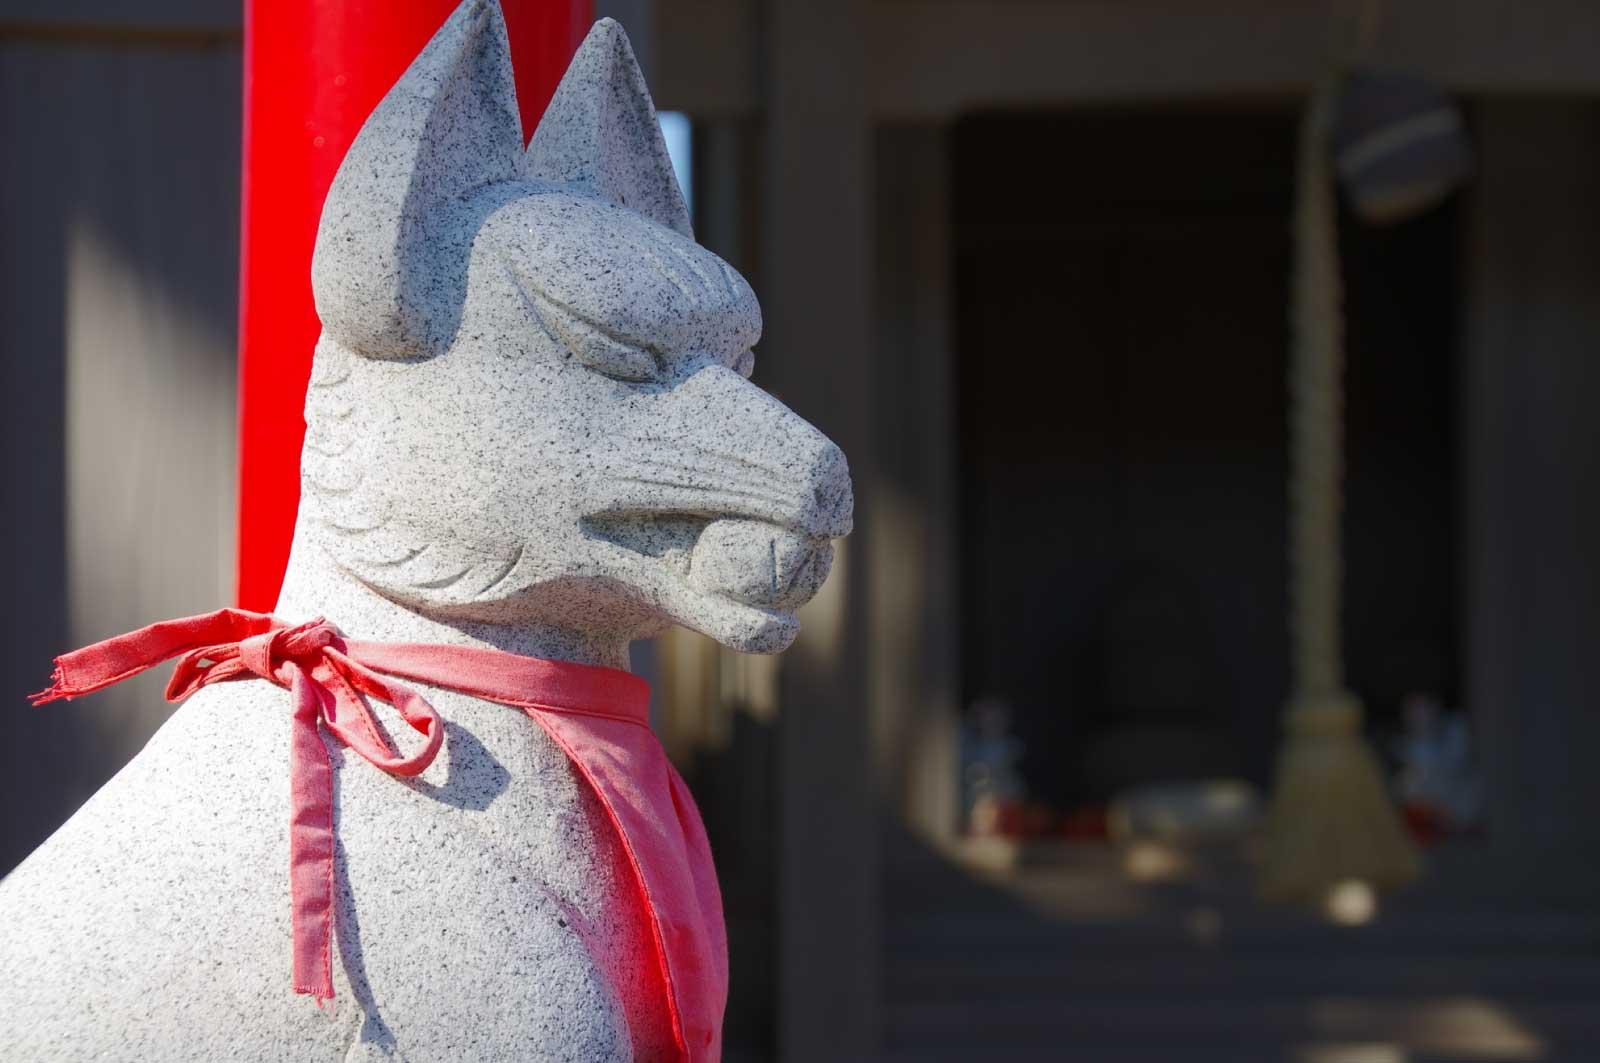 稲荷信仰の象徴の狐